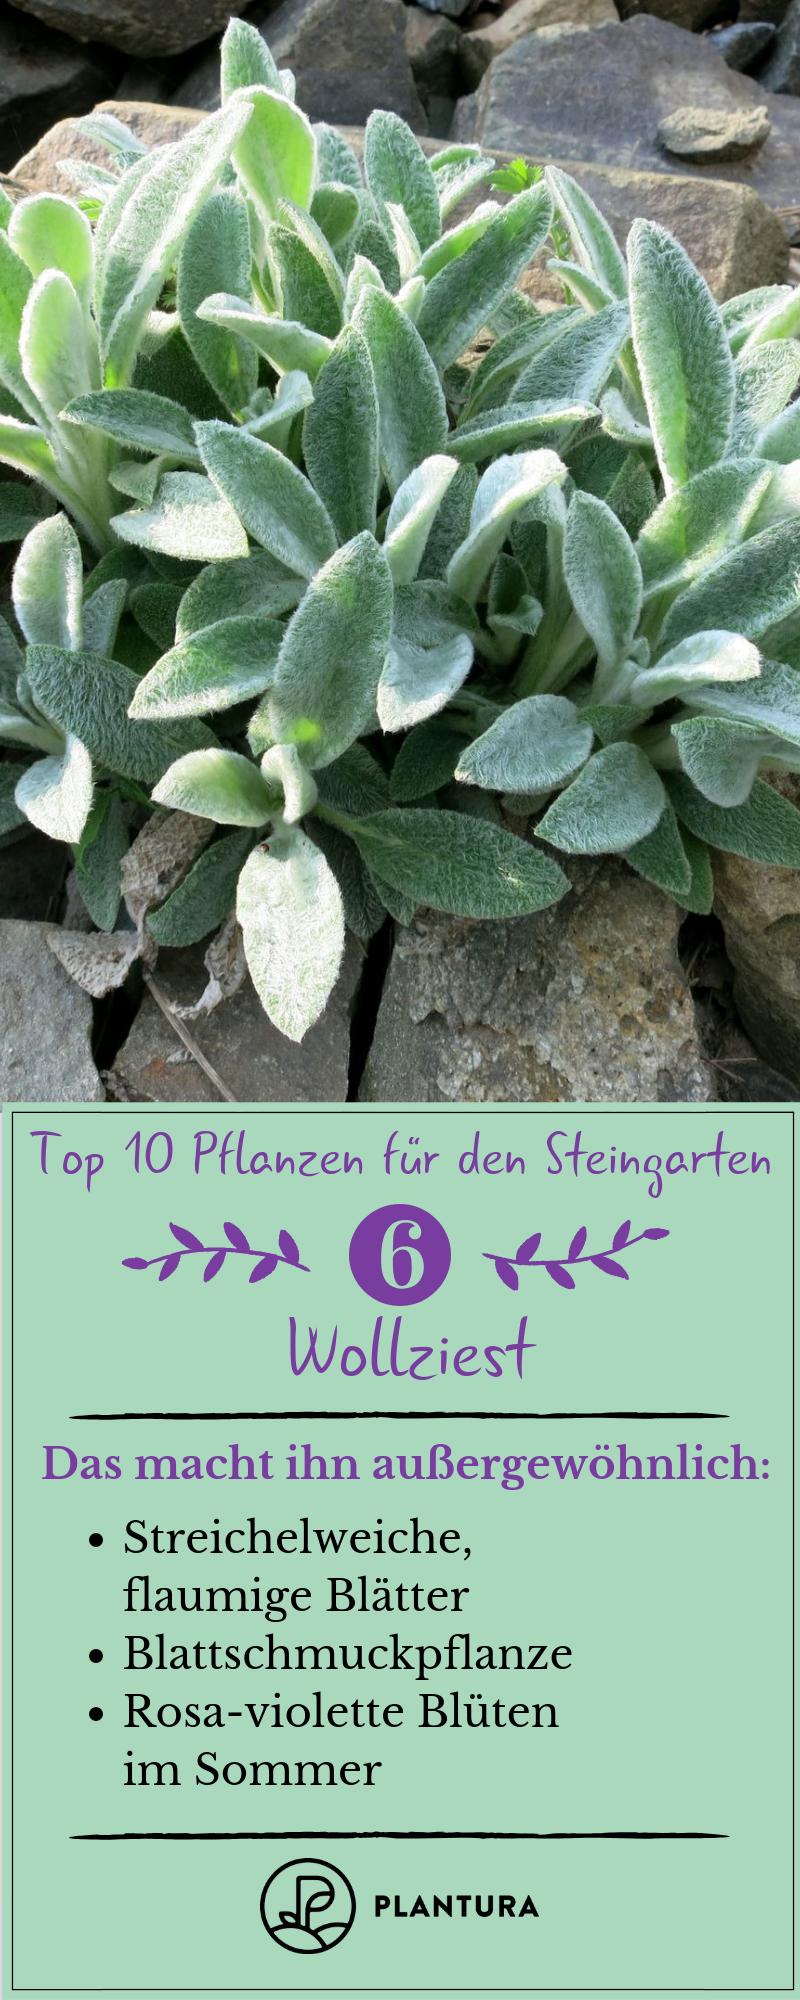 Die 10 schönsten Pflanzen für den Steingarten - Plantura